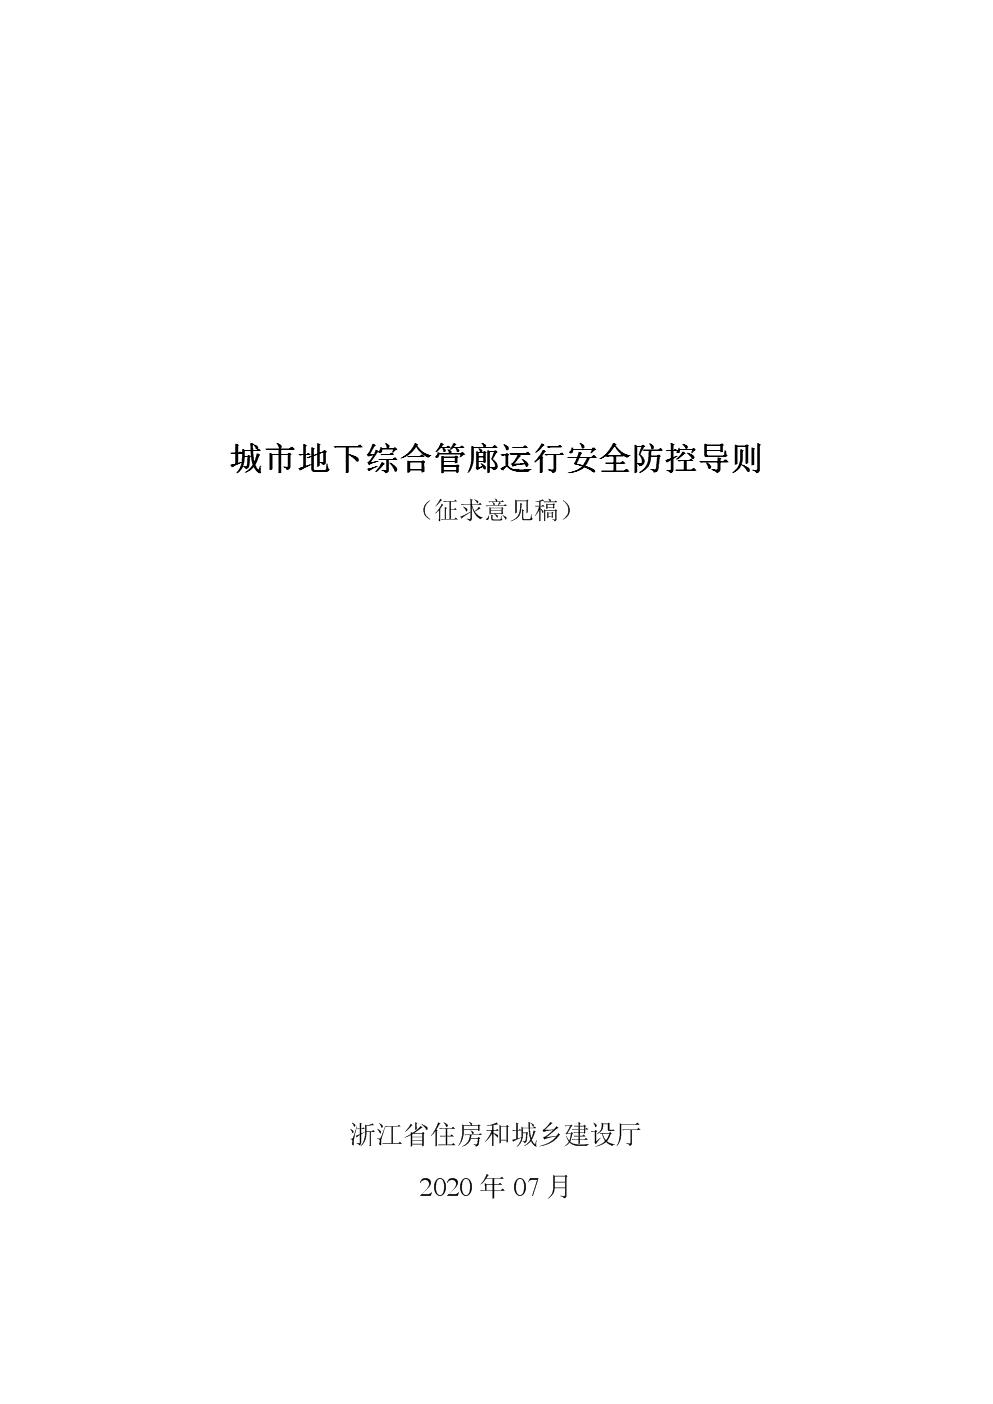 城市地下綜合管廊運行安全防控導則-浙江.doc